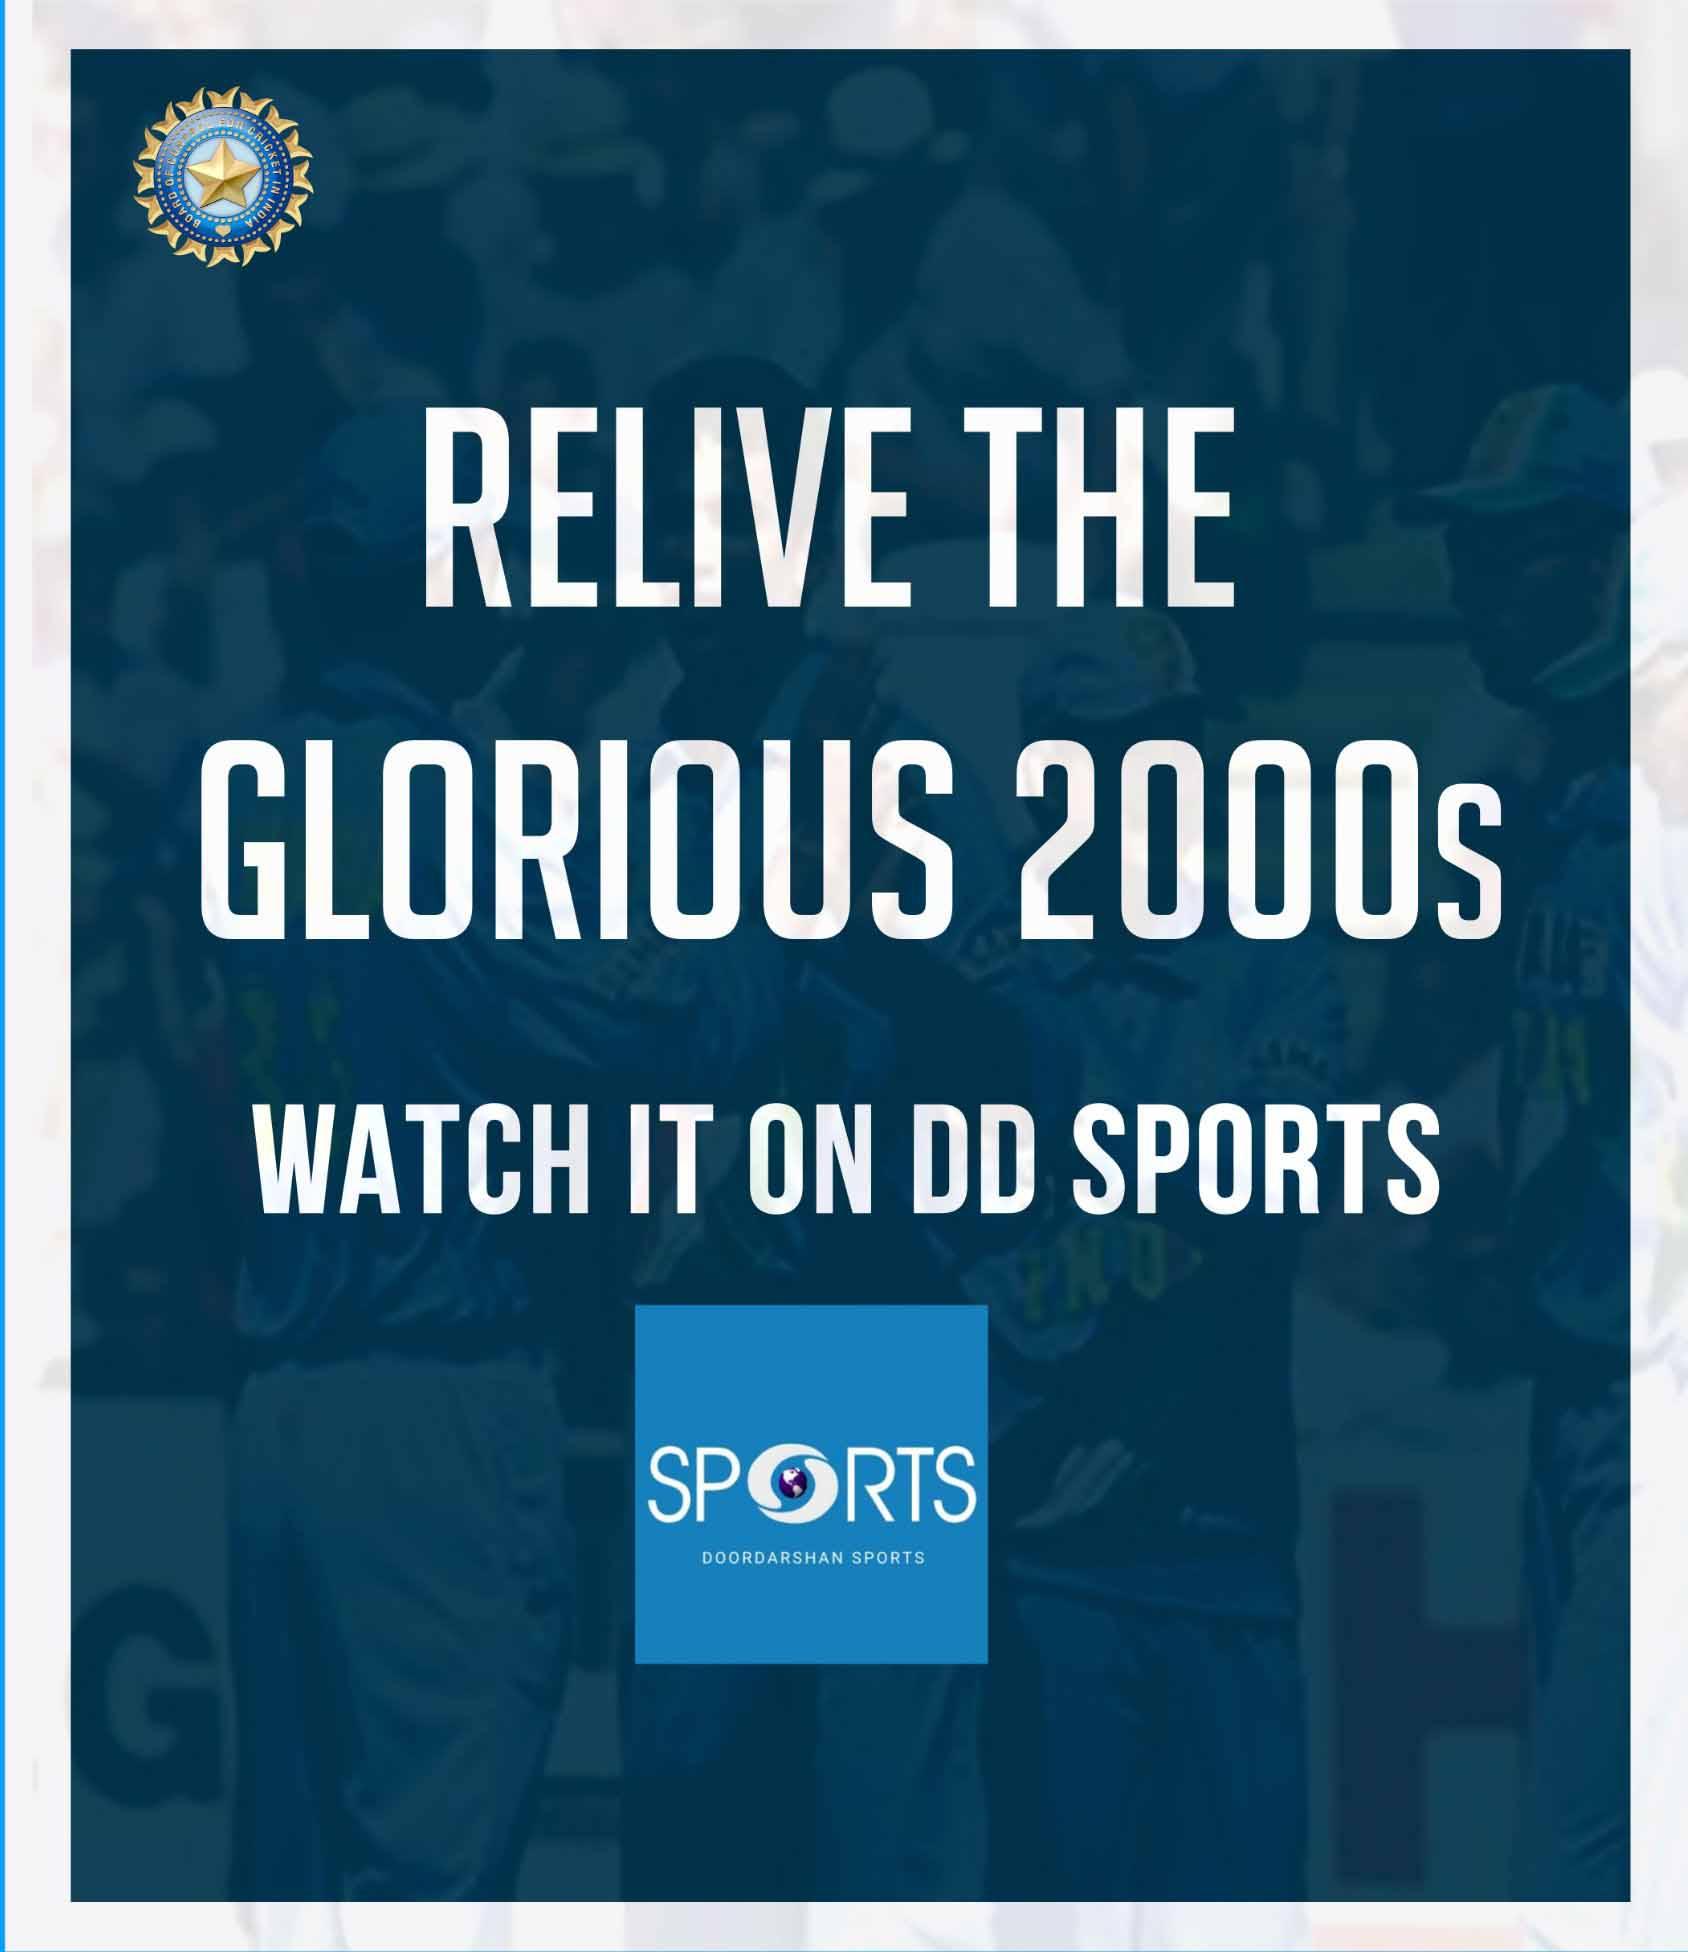 DD Sports 2000